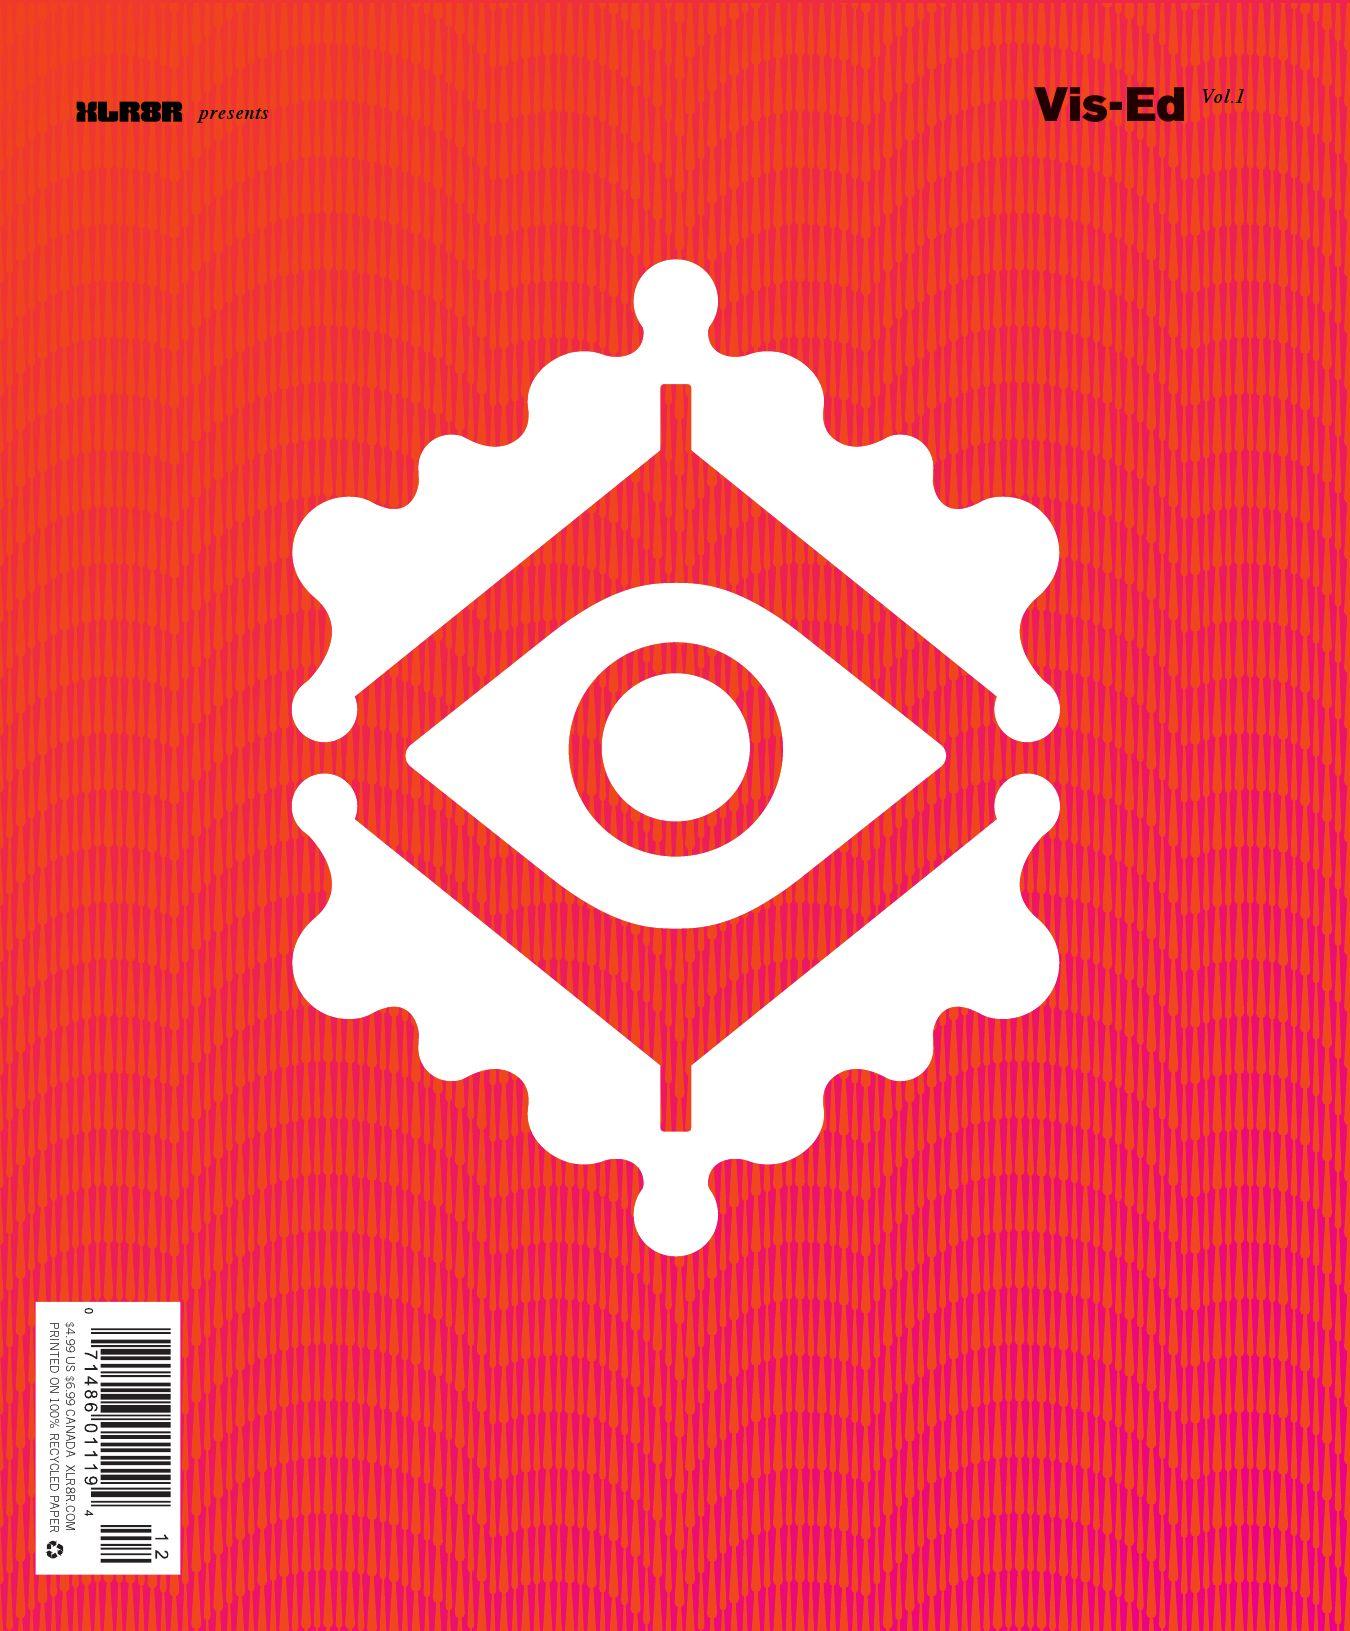 85dad89791d9 XLR8R presents Vis-Ed, Vol. 1 by XLR8R - issuu